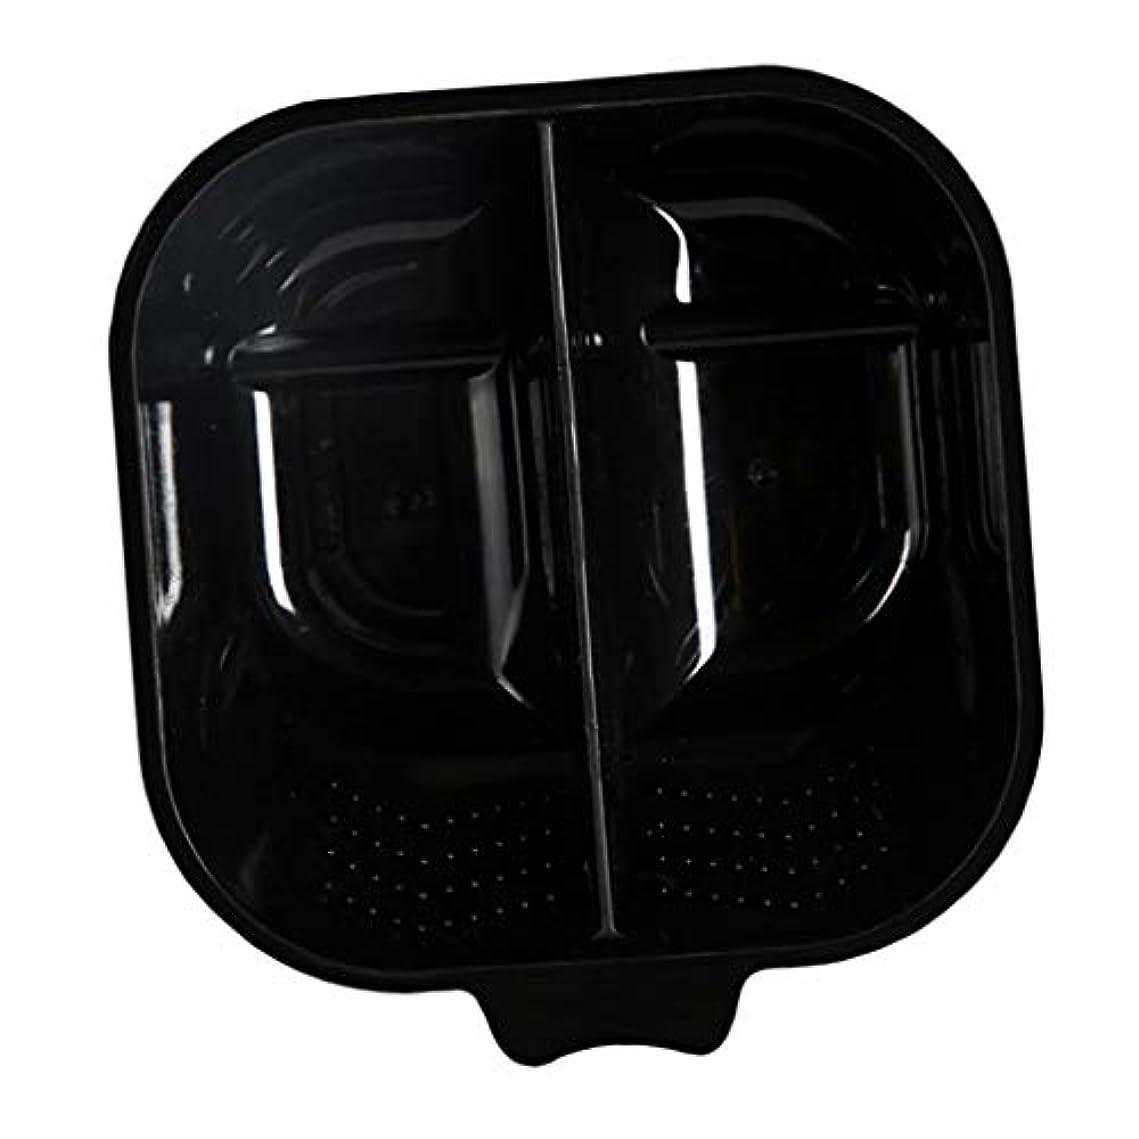 病なバルーン鍔ヘアカラーリング用品 ヘアカラーボウル ヘアカラープレート 毛染め 染料 混ぜる サロン プロ用品 - ブラック